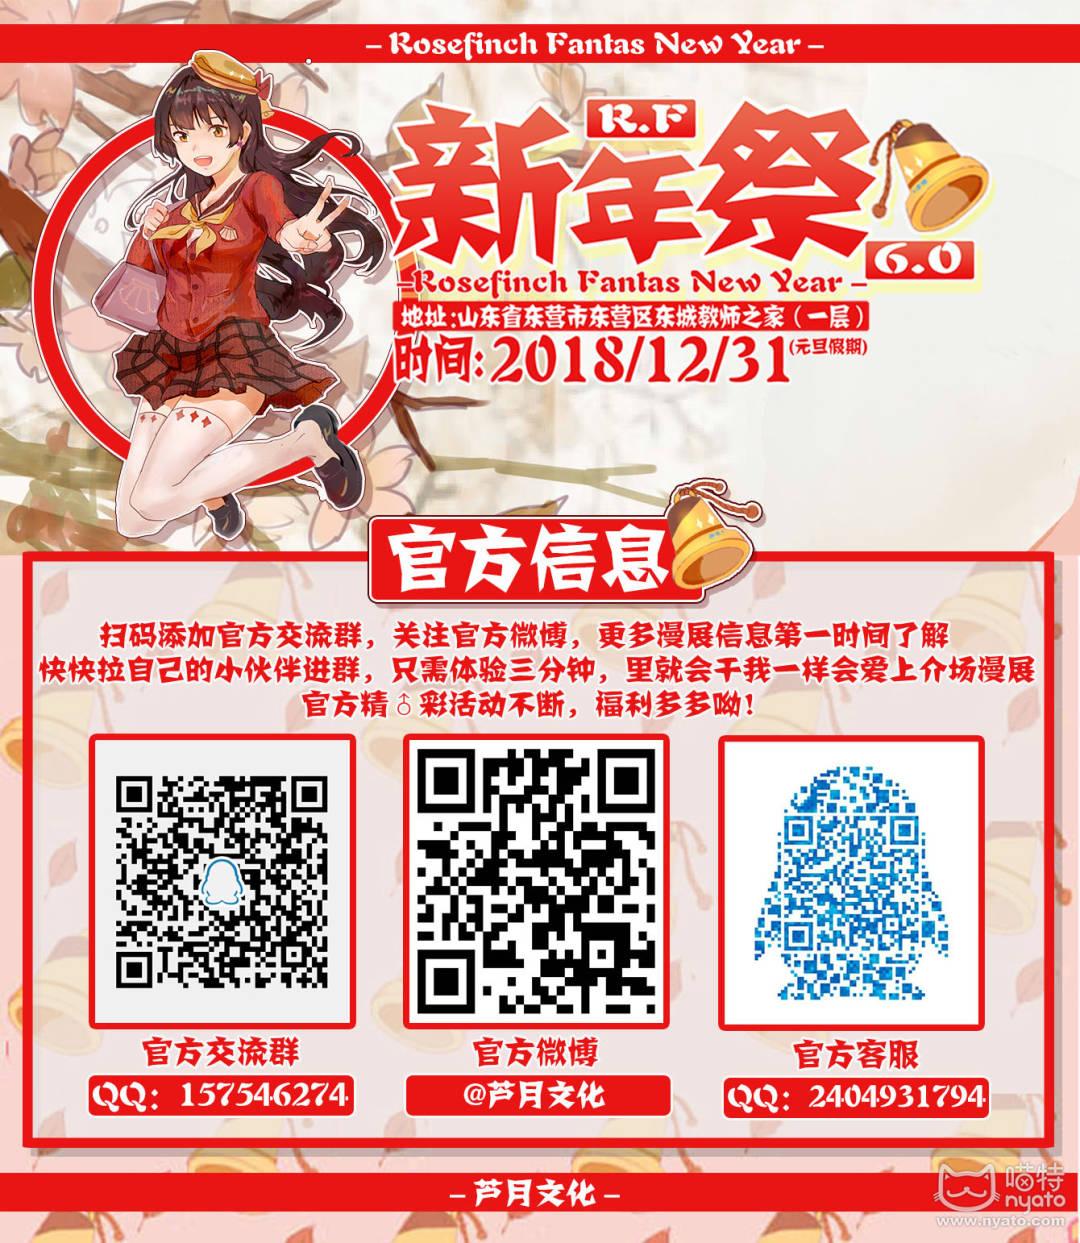 新年祭6.0一宣 官方信息.jpg